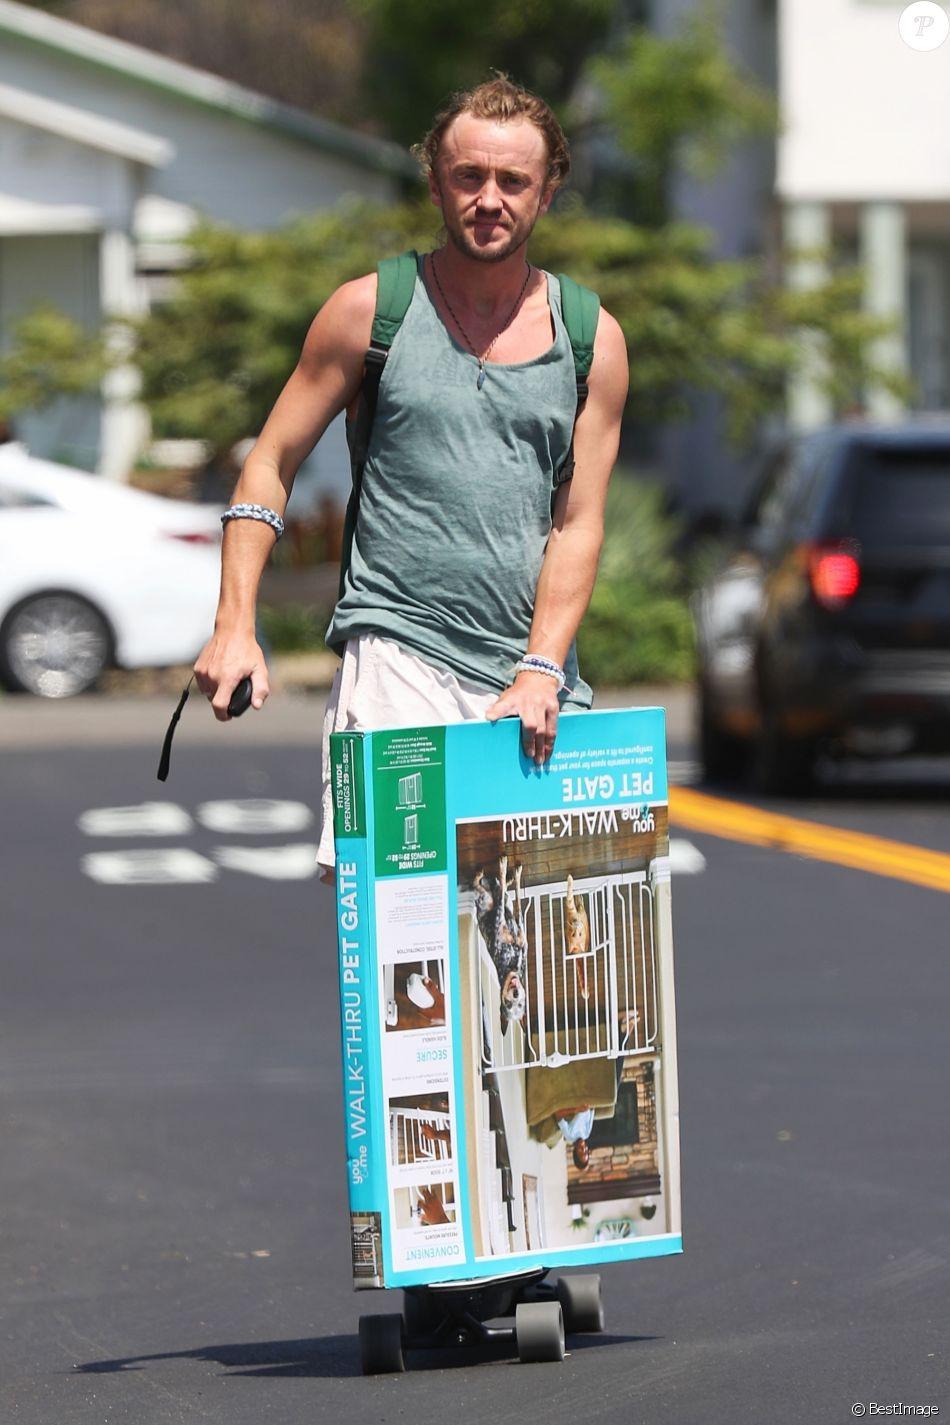 Exclusif - Tom Felton a été aperçu en skateboard dans les rues de Venice Beach. L'acteur britannique d'Harry Potter semble ne faire aucun effort alors qu'il se laisse glisser en portant un paquet, le 1er septembre 2018.